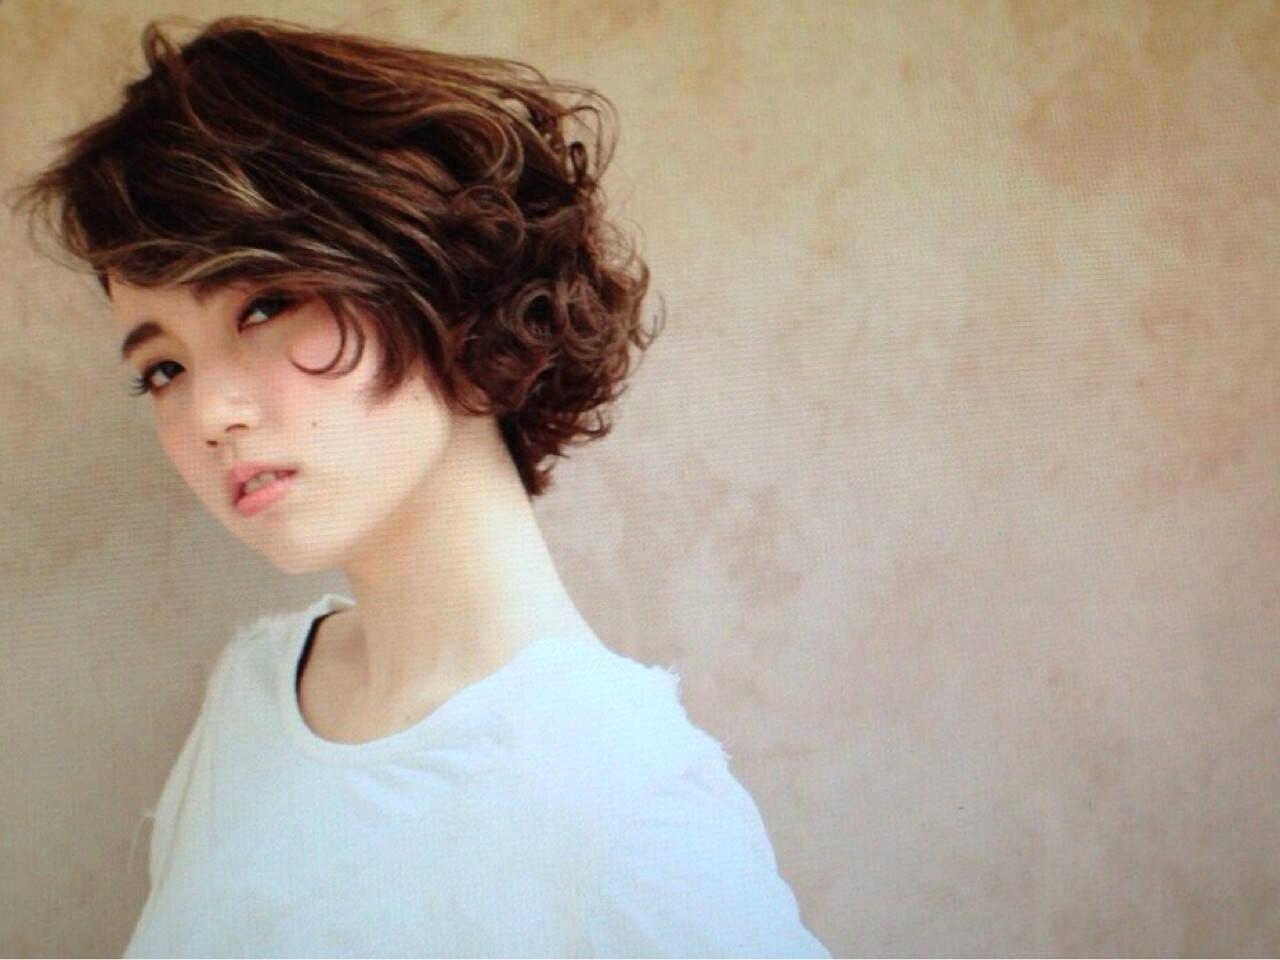 抜け感 モード ボブ ハイライトヘアスタイルや髪型の写真・画像